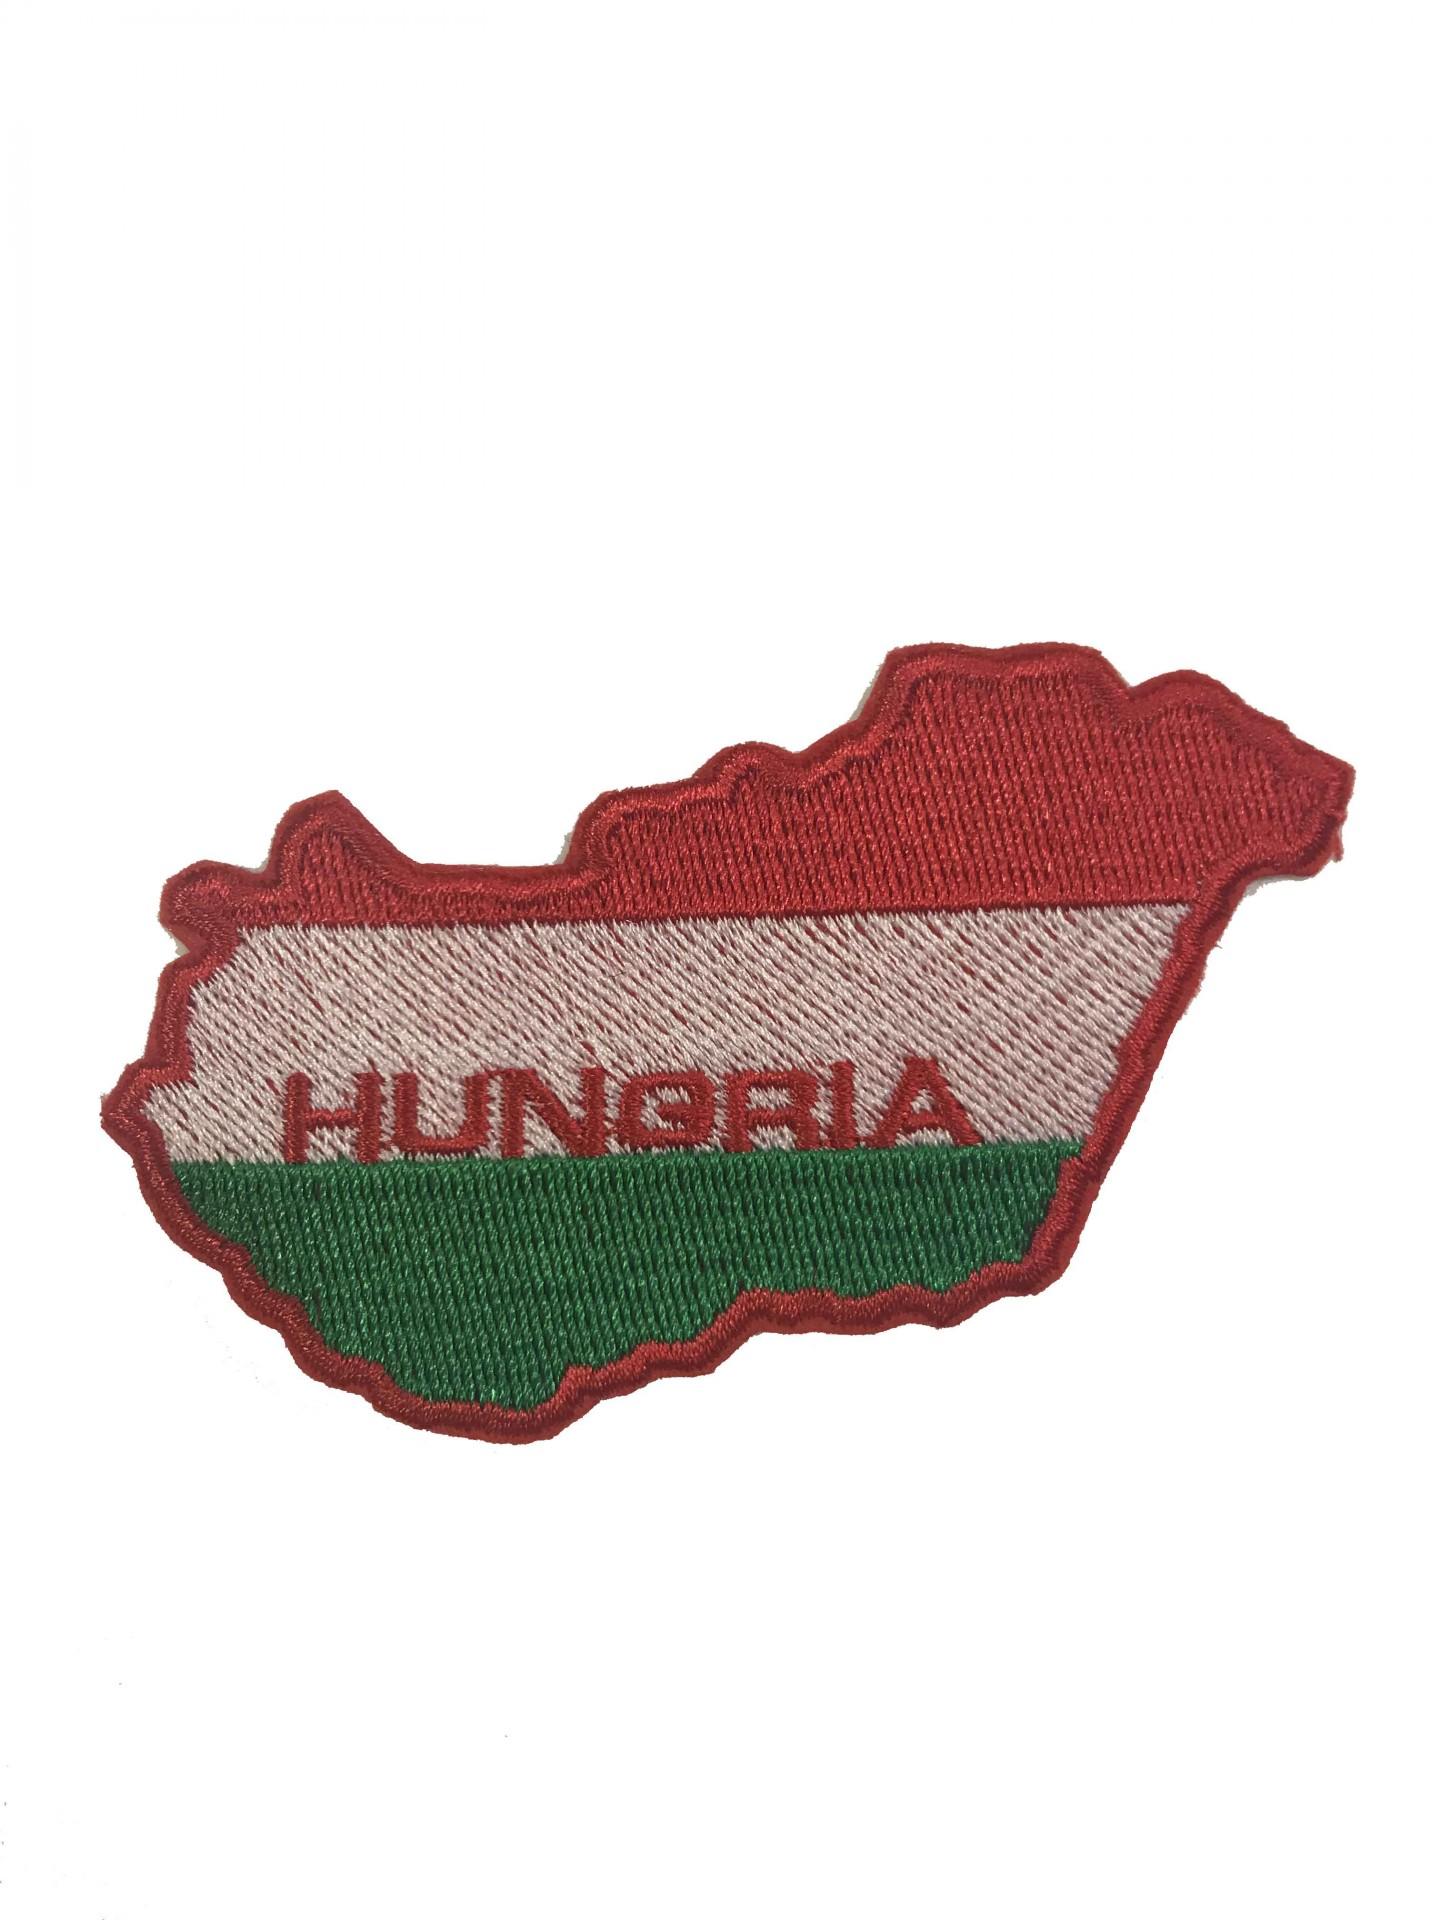 Emblema Hungria